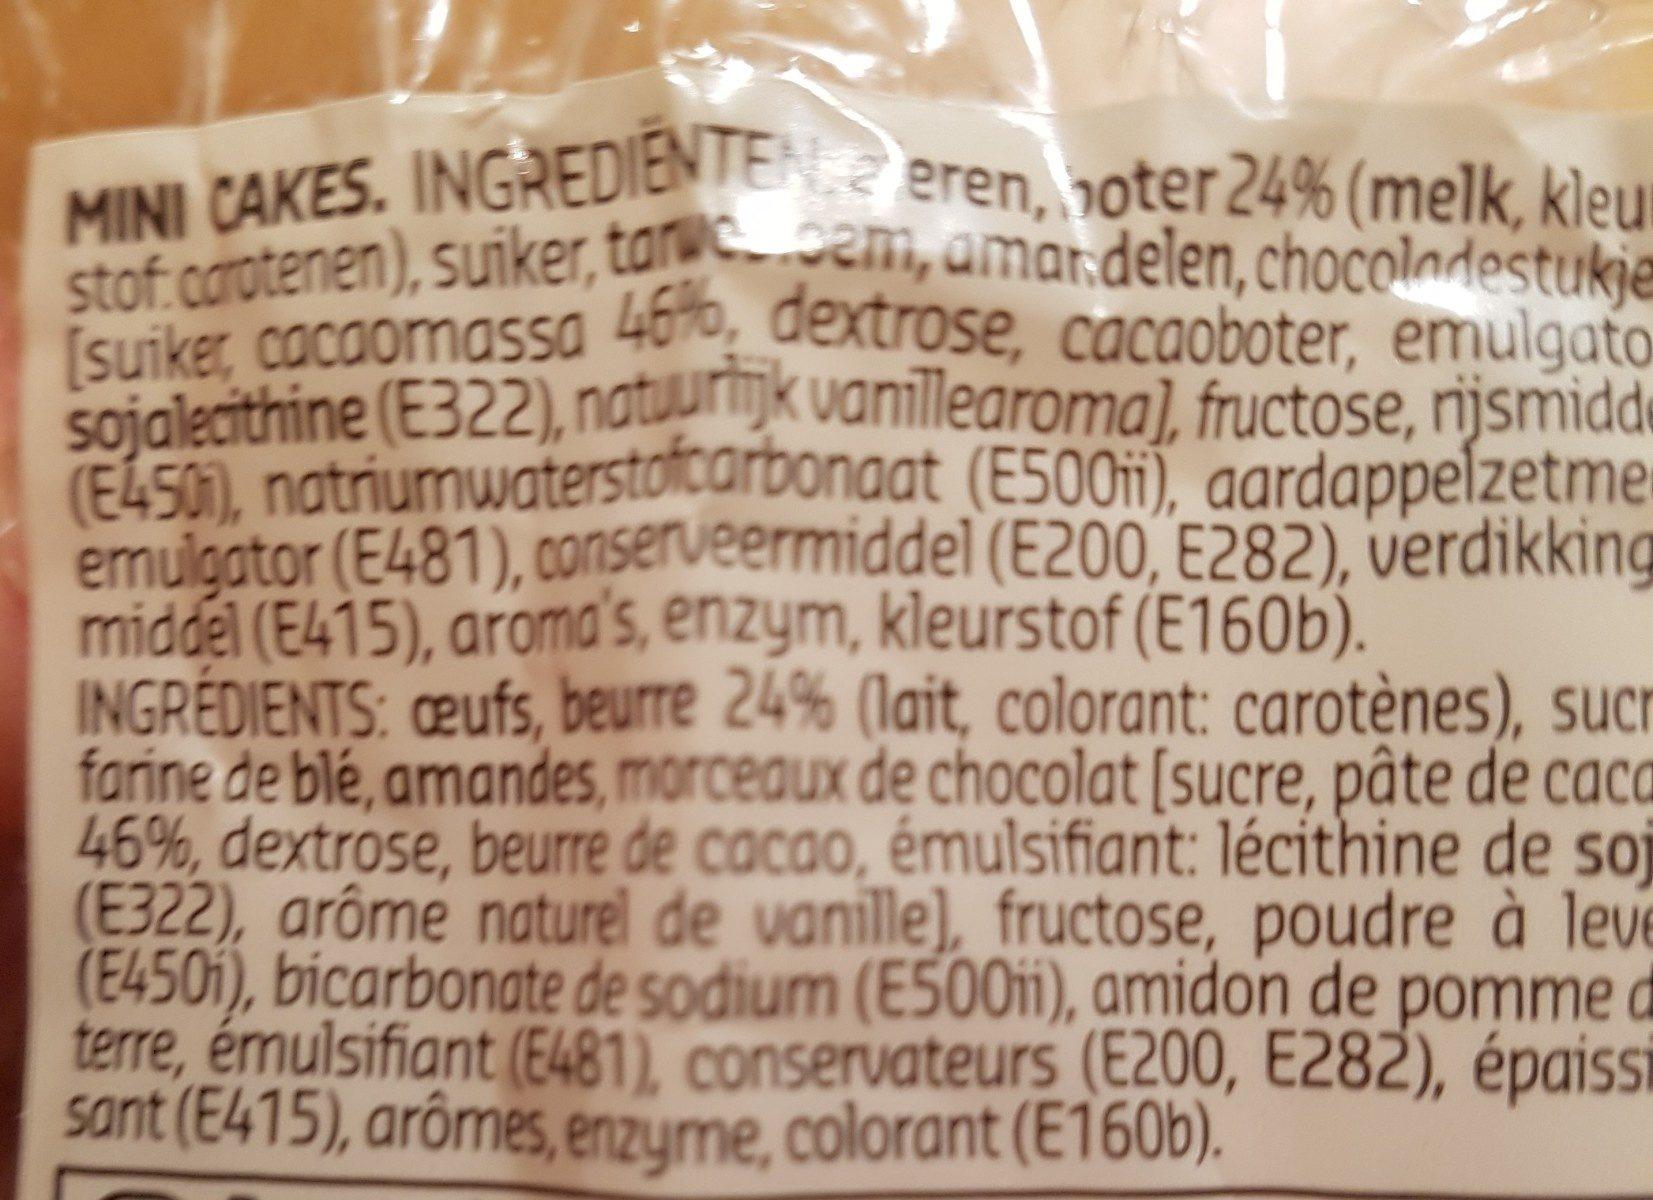 Mini Cakes - Ingrediënten